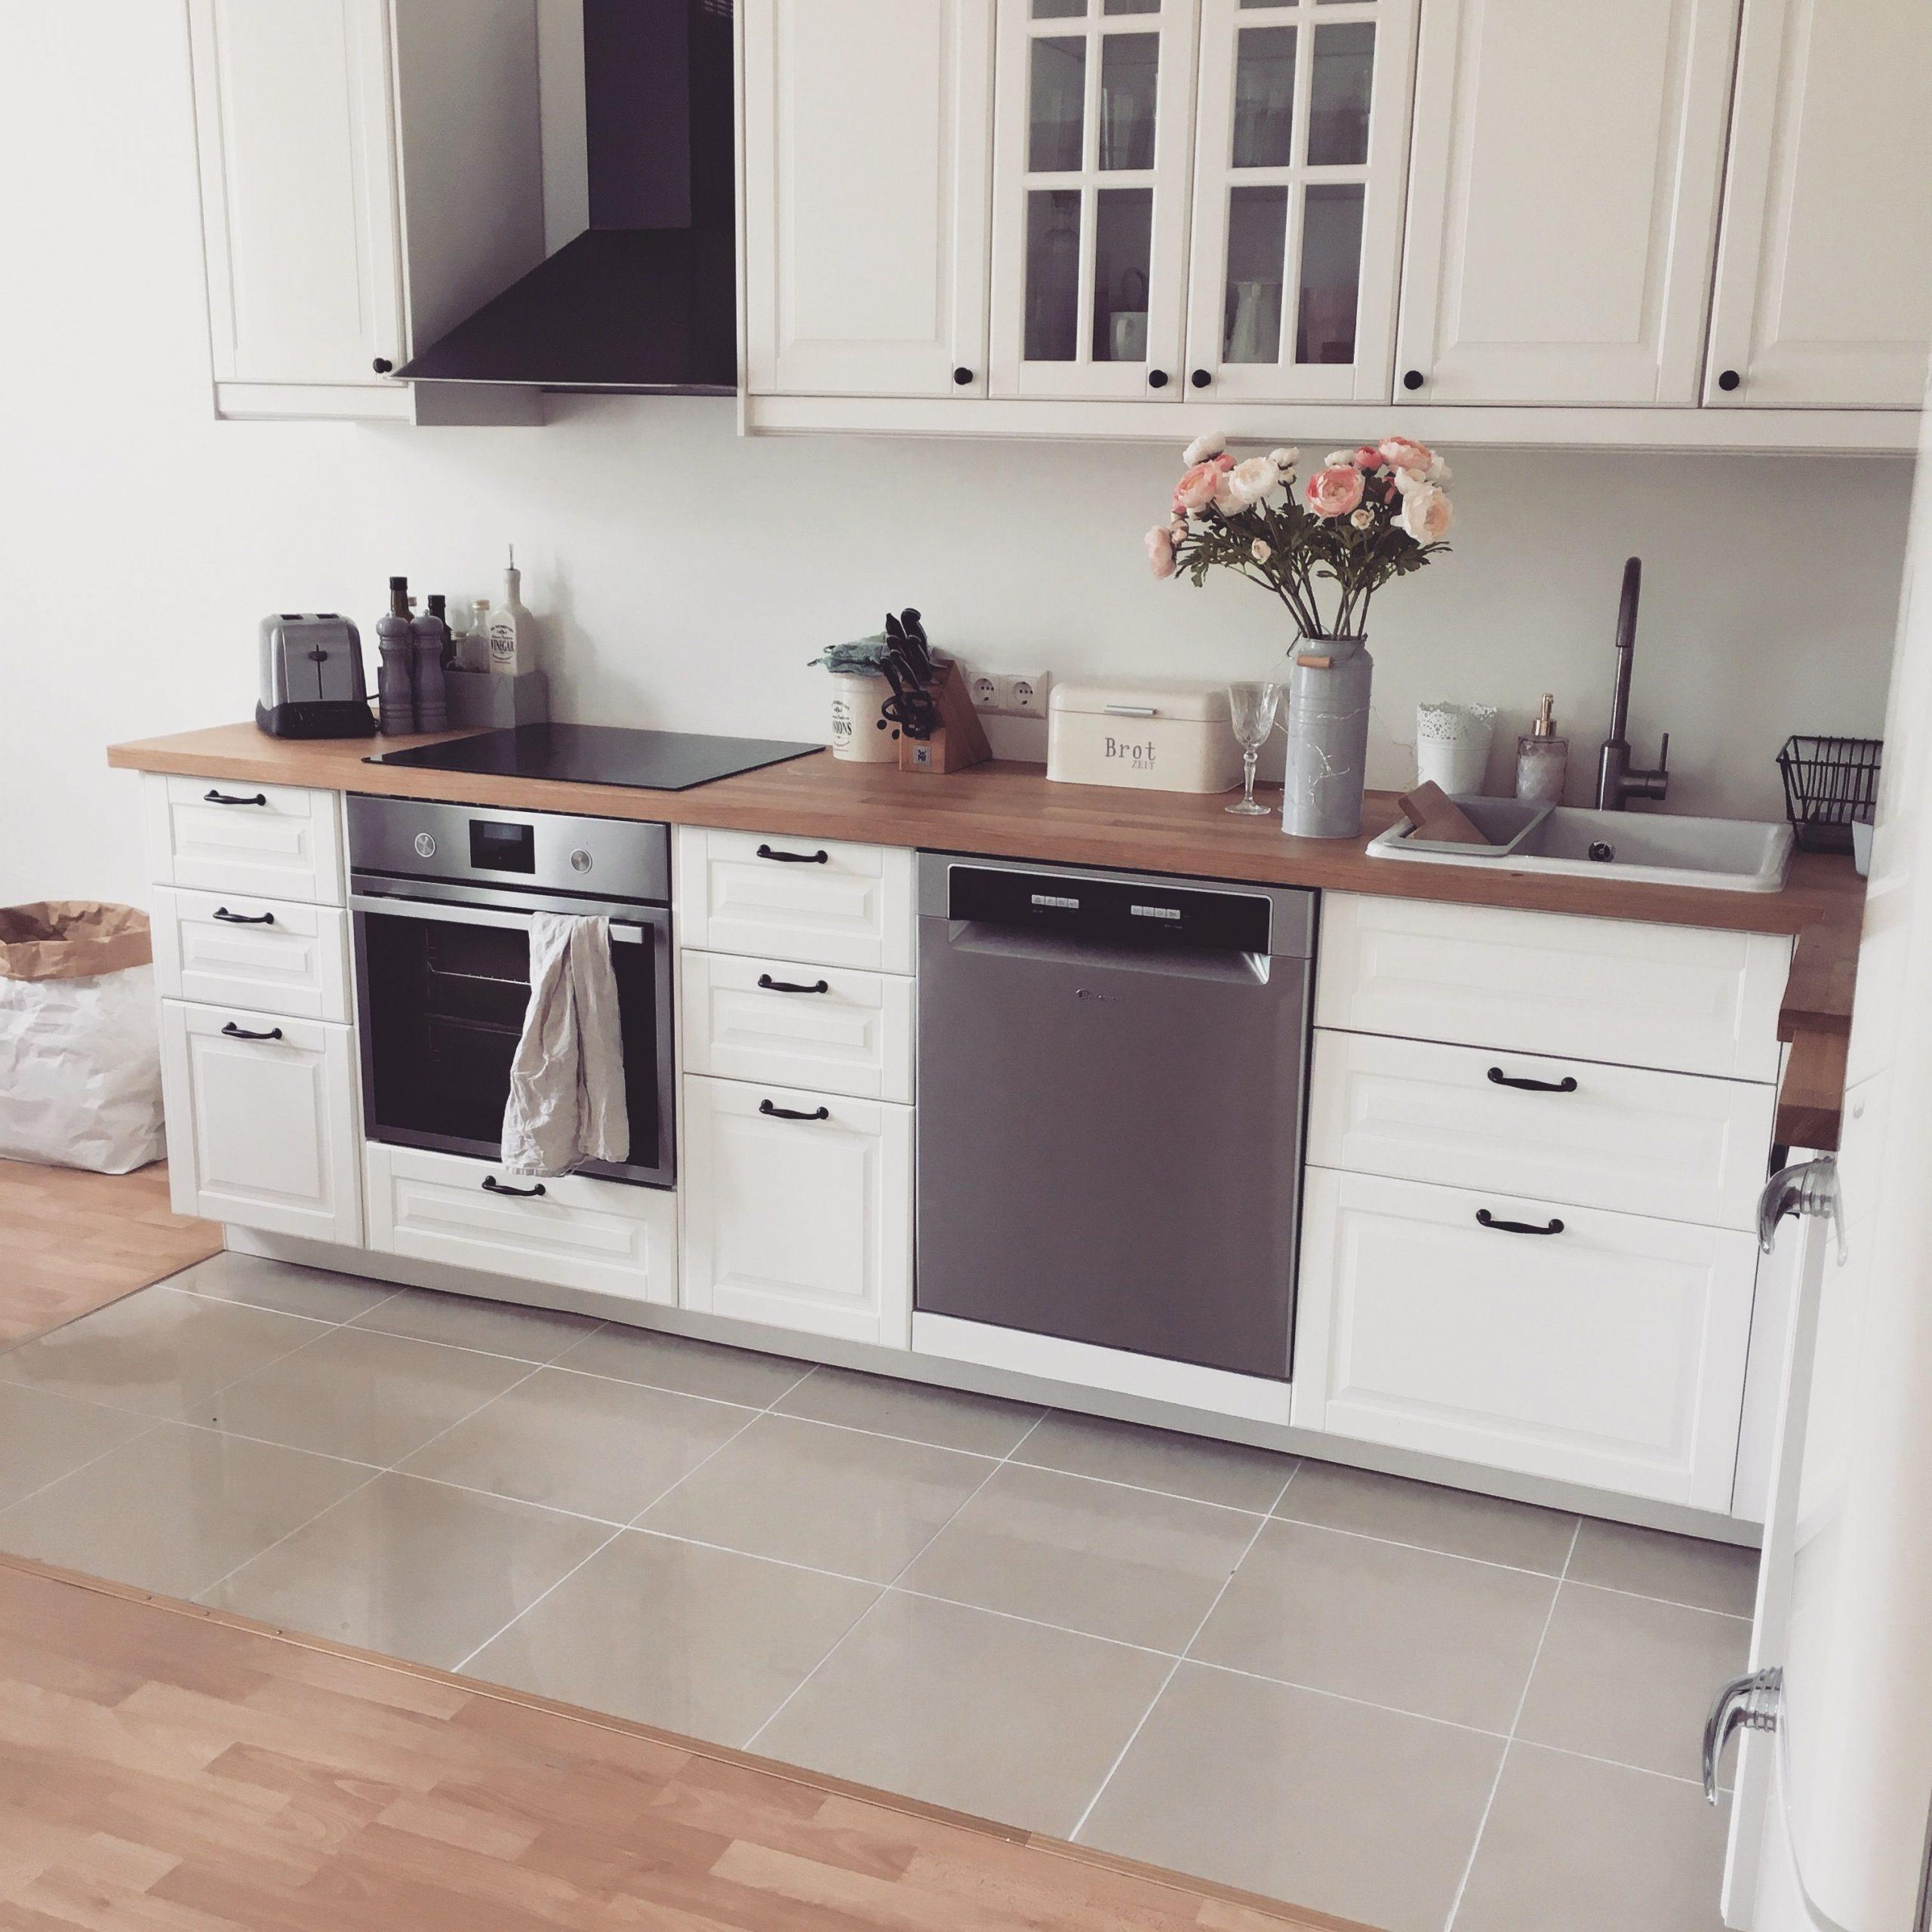 Full Size of 30 Luxus Grifflose Kche Ikea Foto Komplette Awesome Ideas Küche L Form Polsterbank Gardinen Für Die Arbeitsplatten Einbauküche Günstig Wandregal Regal 60 Wohnzimmer Küche L Form Ikea